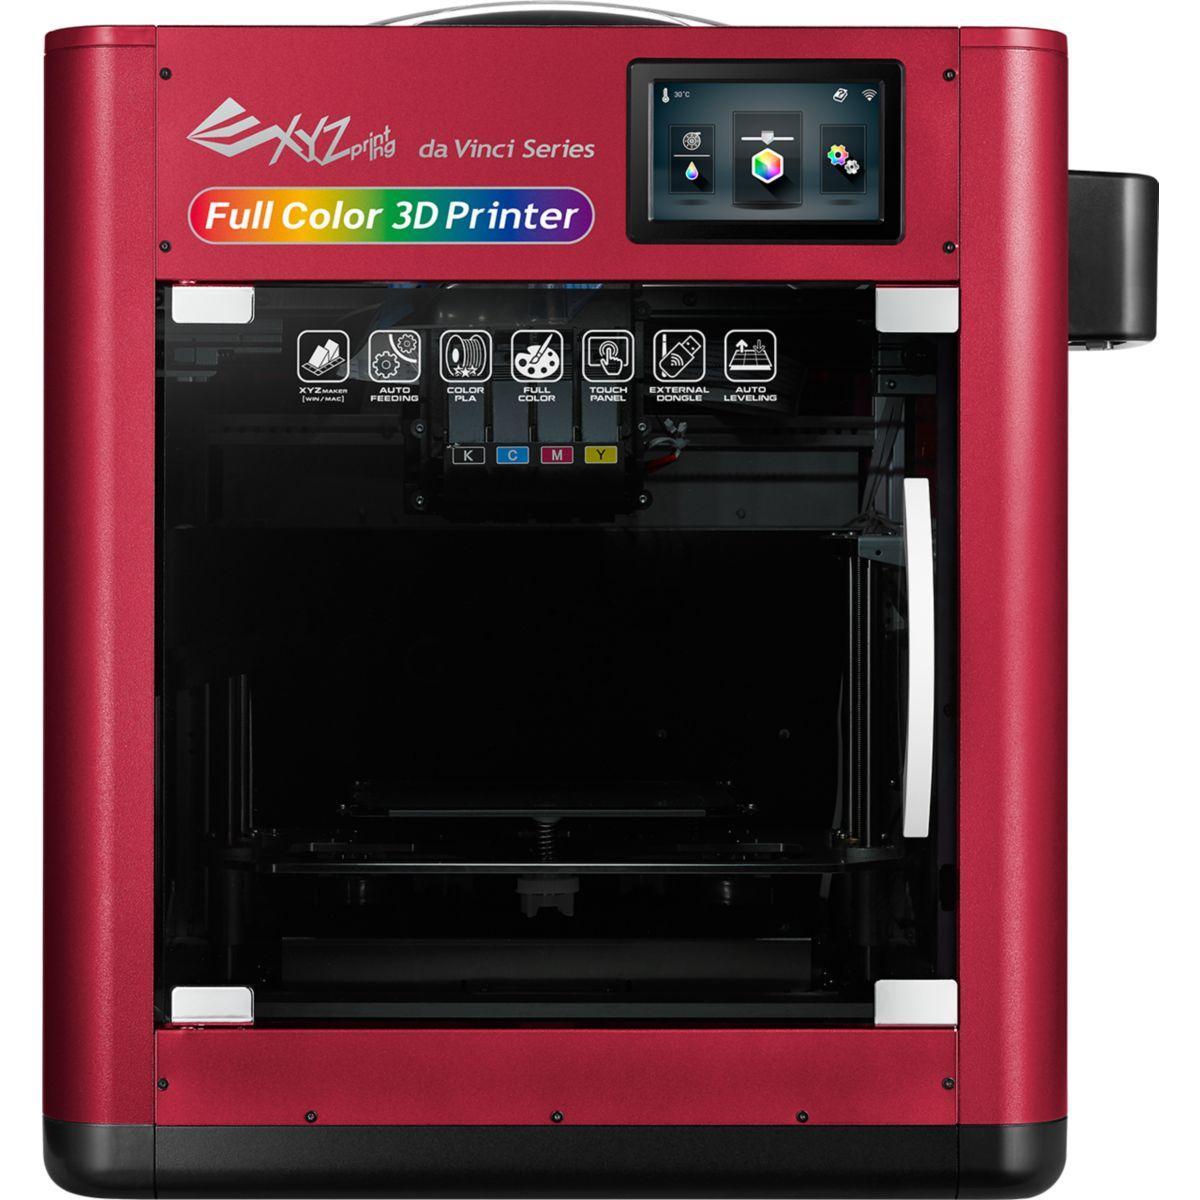 Imprimante 3d xyz printing da vinci color 1t�te - 15% de remise imm�diate avec le code : deal15 (photo)